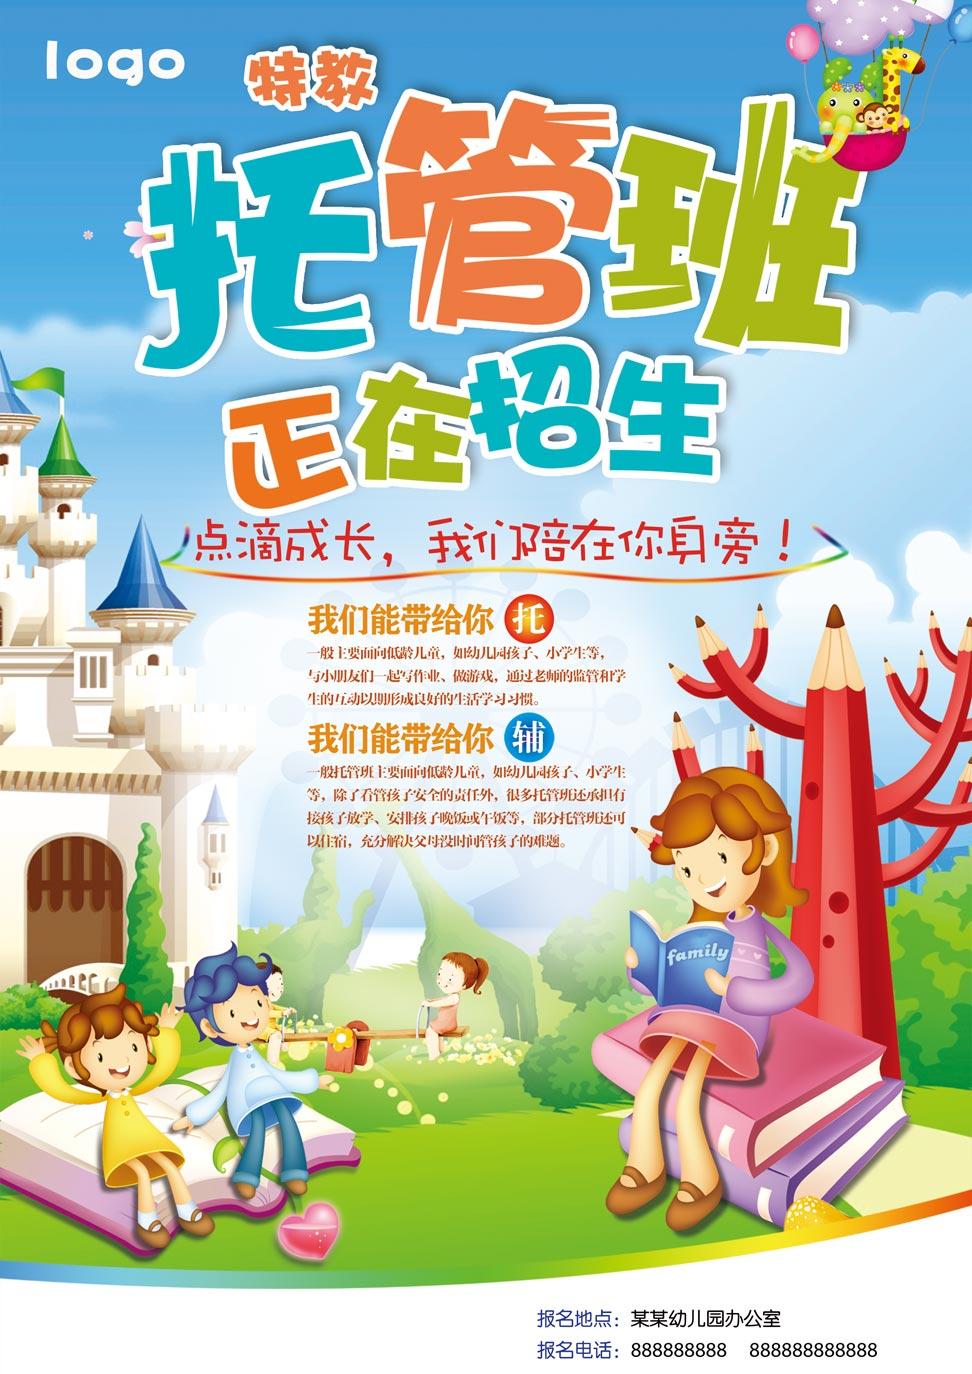 趣味的卡通儿童托管班招生海报广告设计